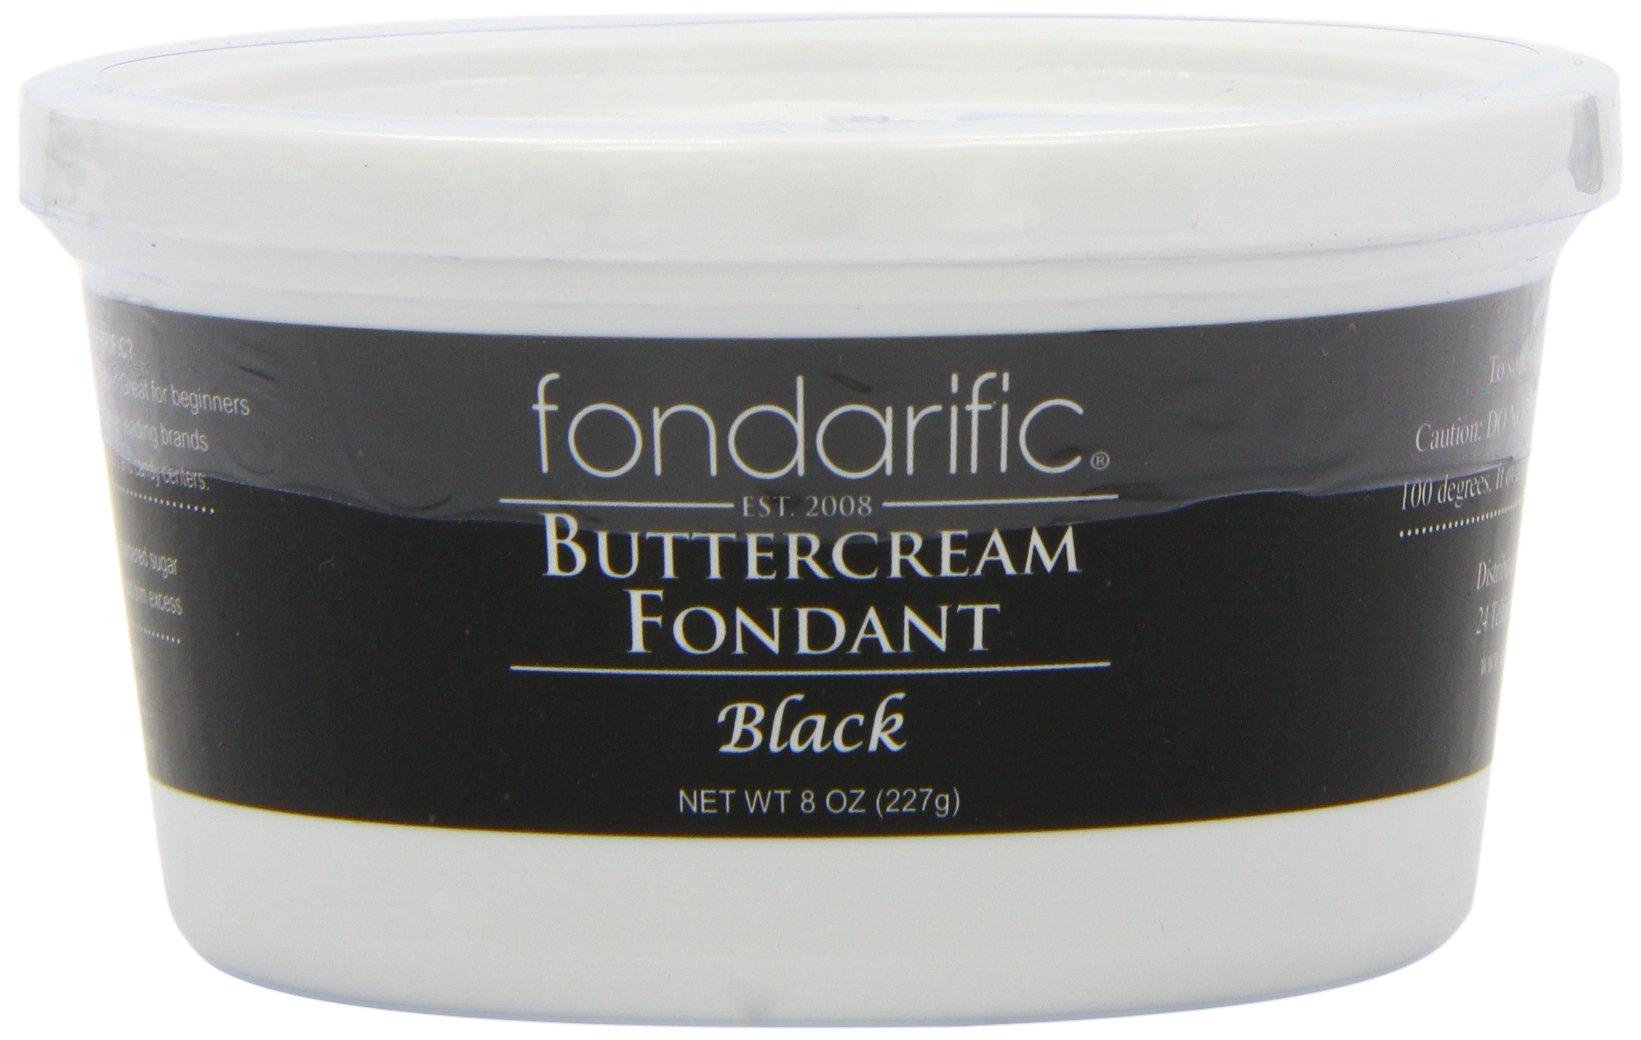 Fondarific Buttercream Fondant, Black, 8 Ounce